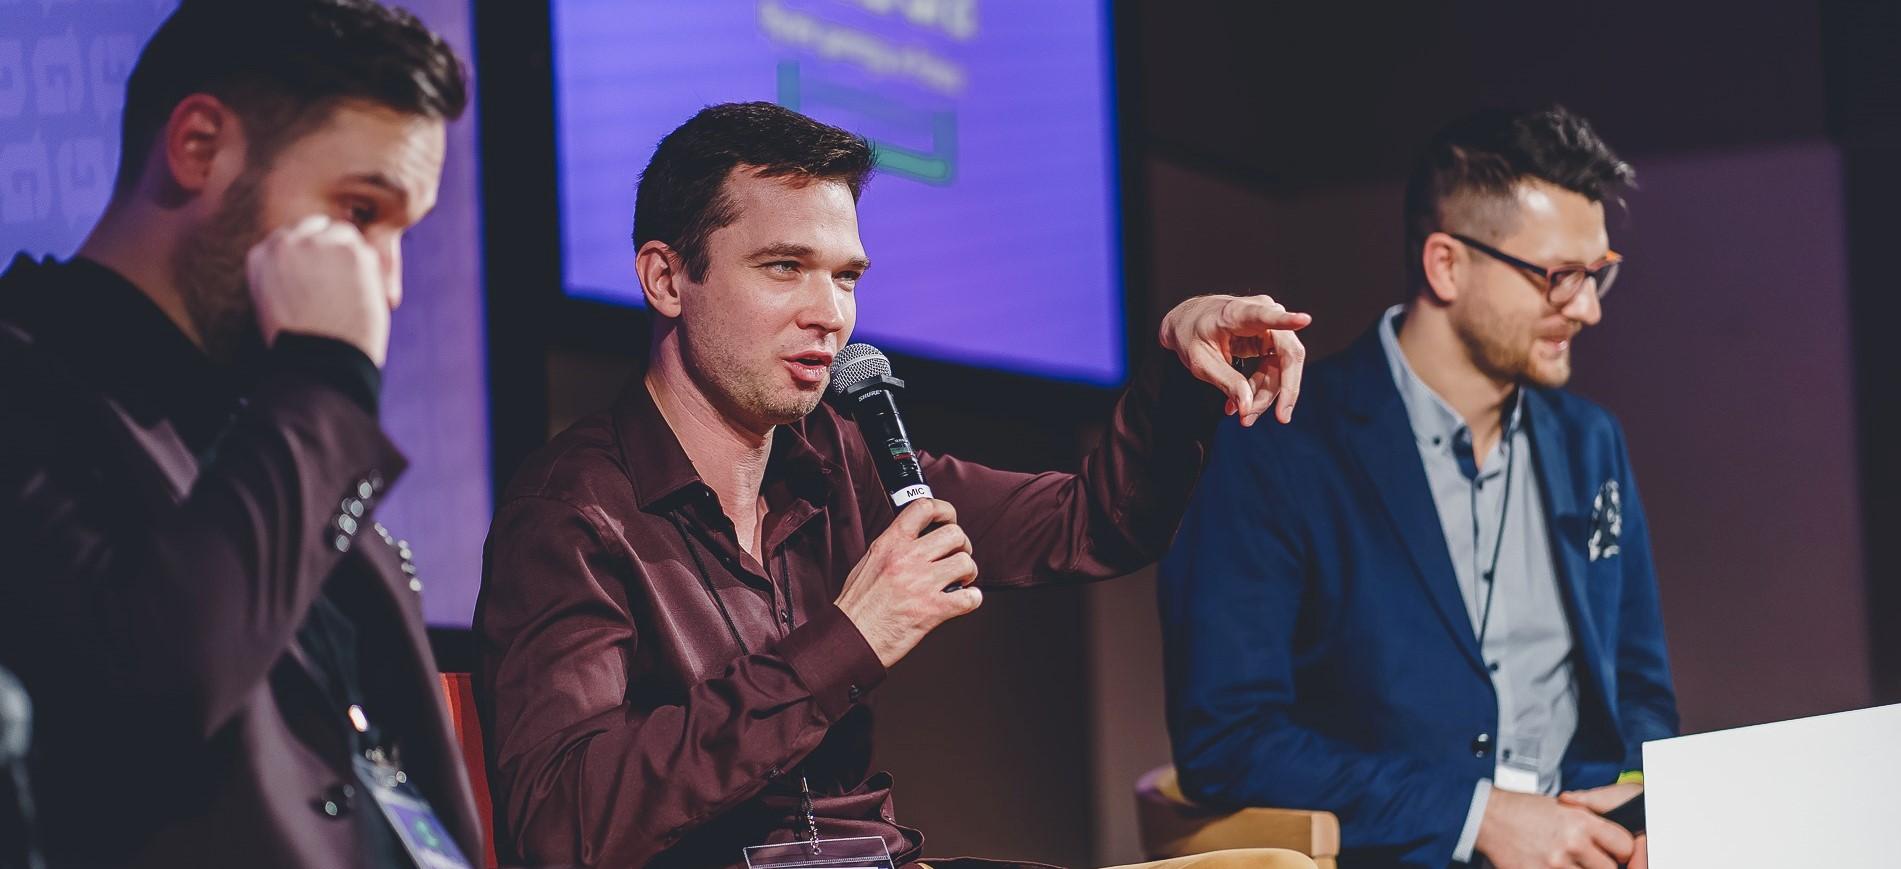 """Borys Musielak из SMOK Ventures: """"Когда вы берете деньги у венчурного фонда, вы должны быть психологически готовы в будущем продать свою компанию"""""""